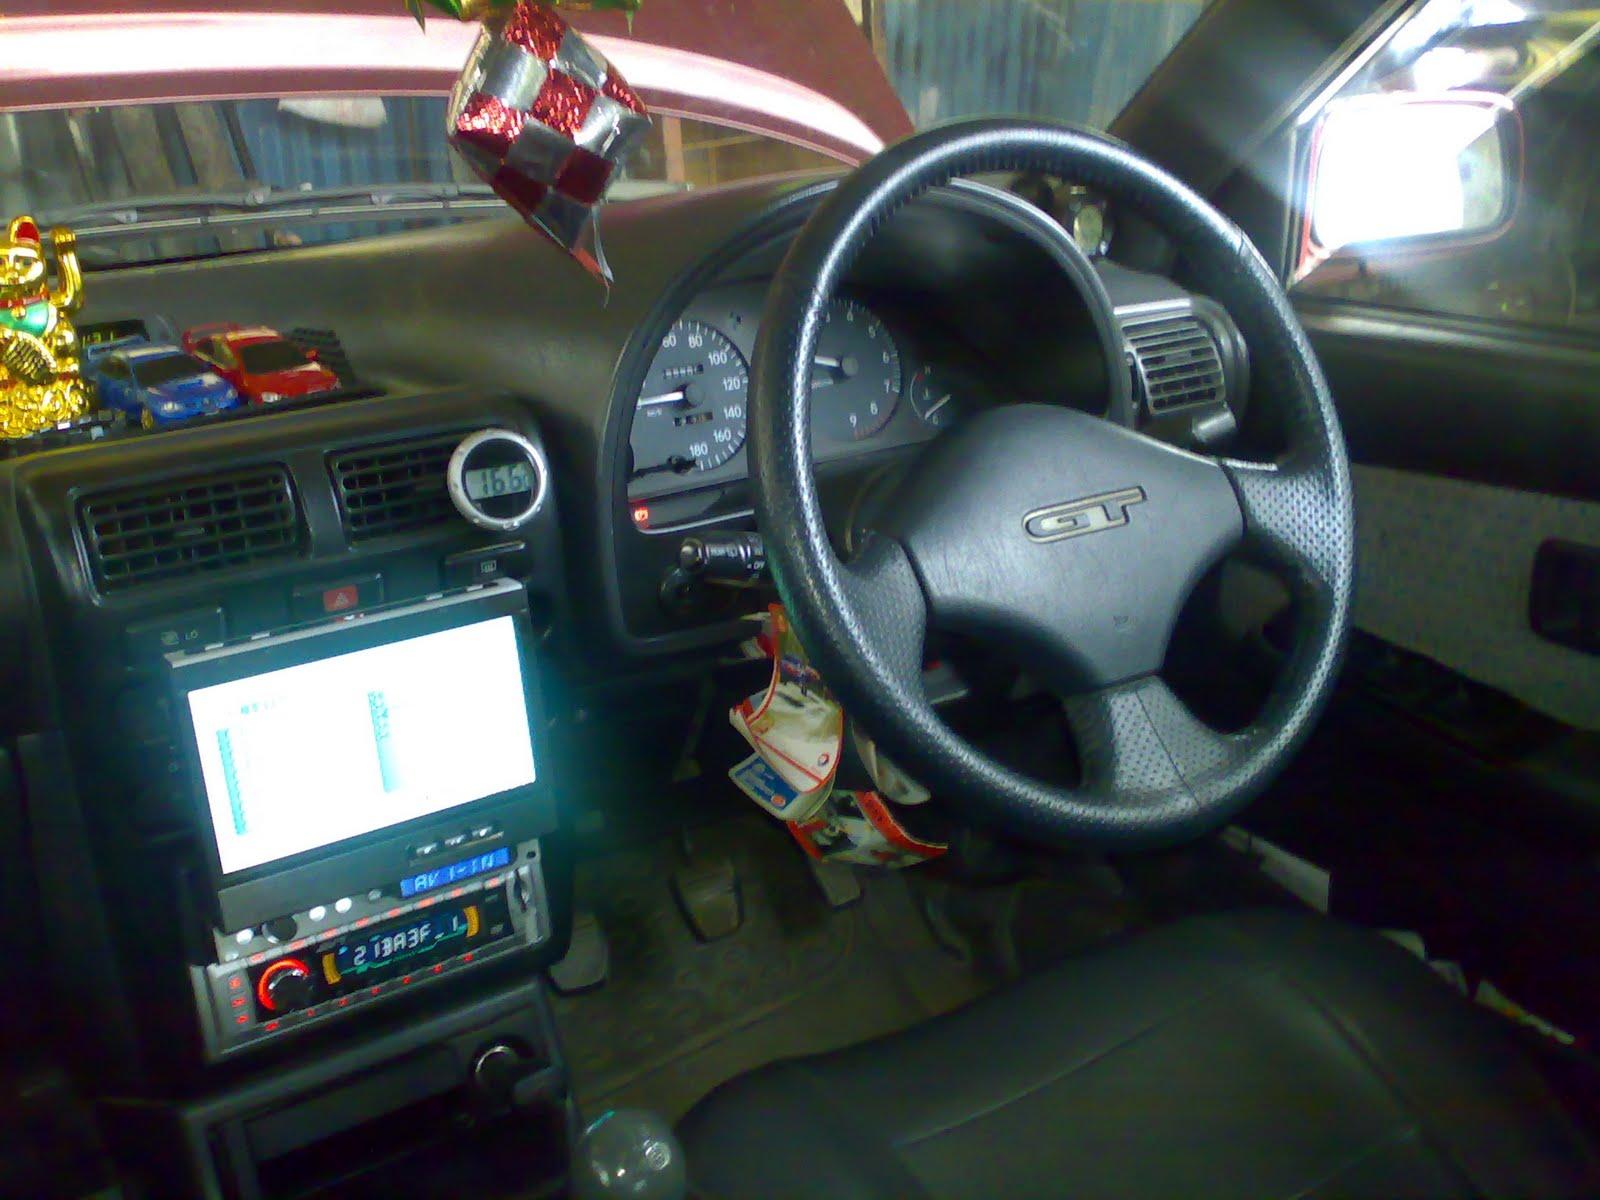 Toyota Starlet Harganya Masih Tinggi MobiLkuOrg